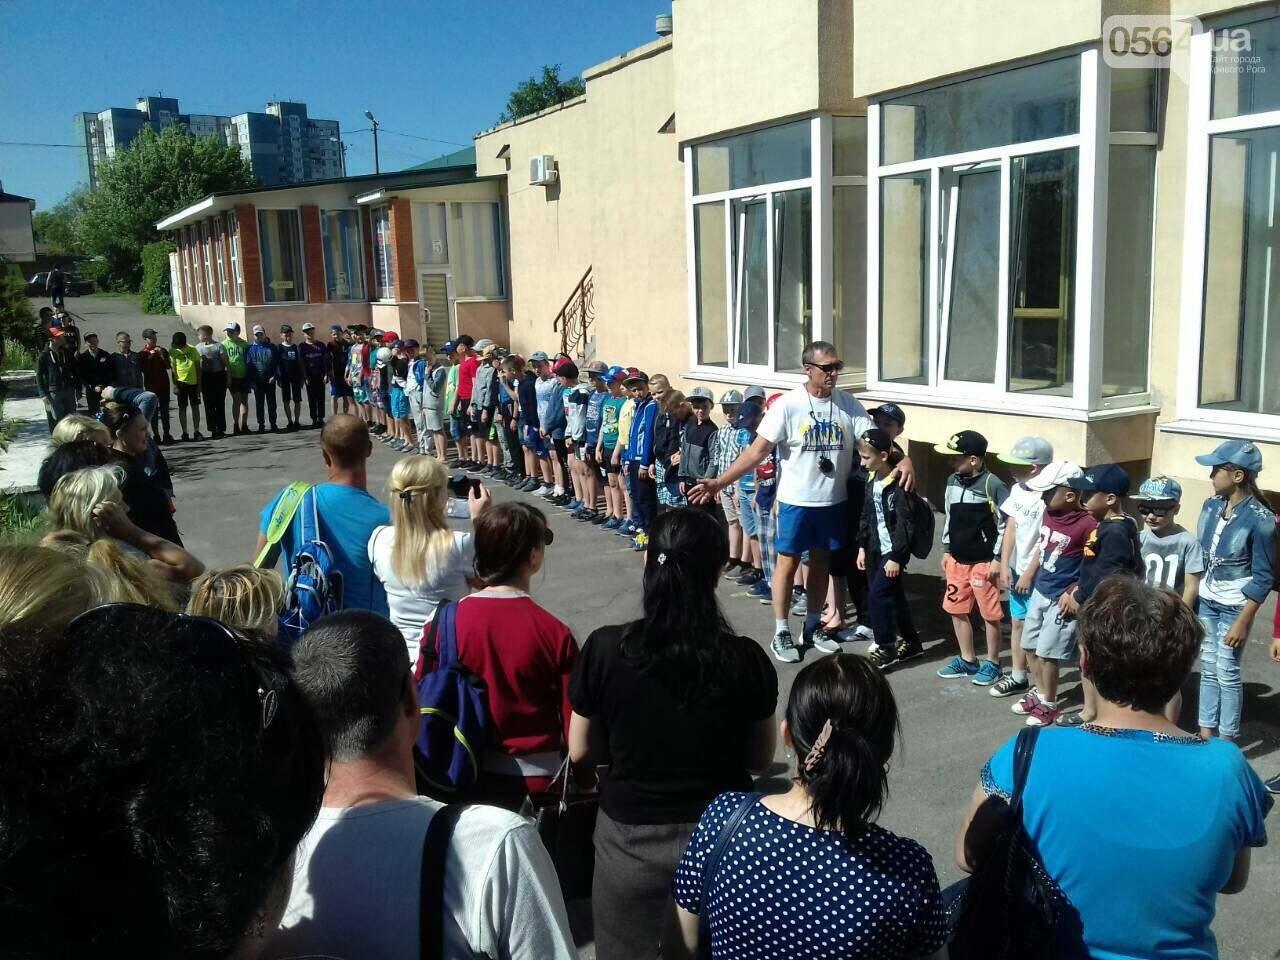 Юные криворожские спортсмены открыли летний сезон в спортивном лагере, - ФОТО, фото-9